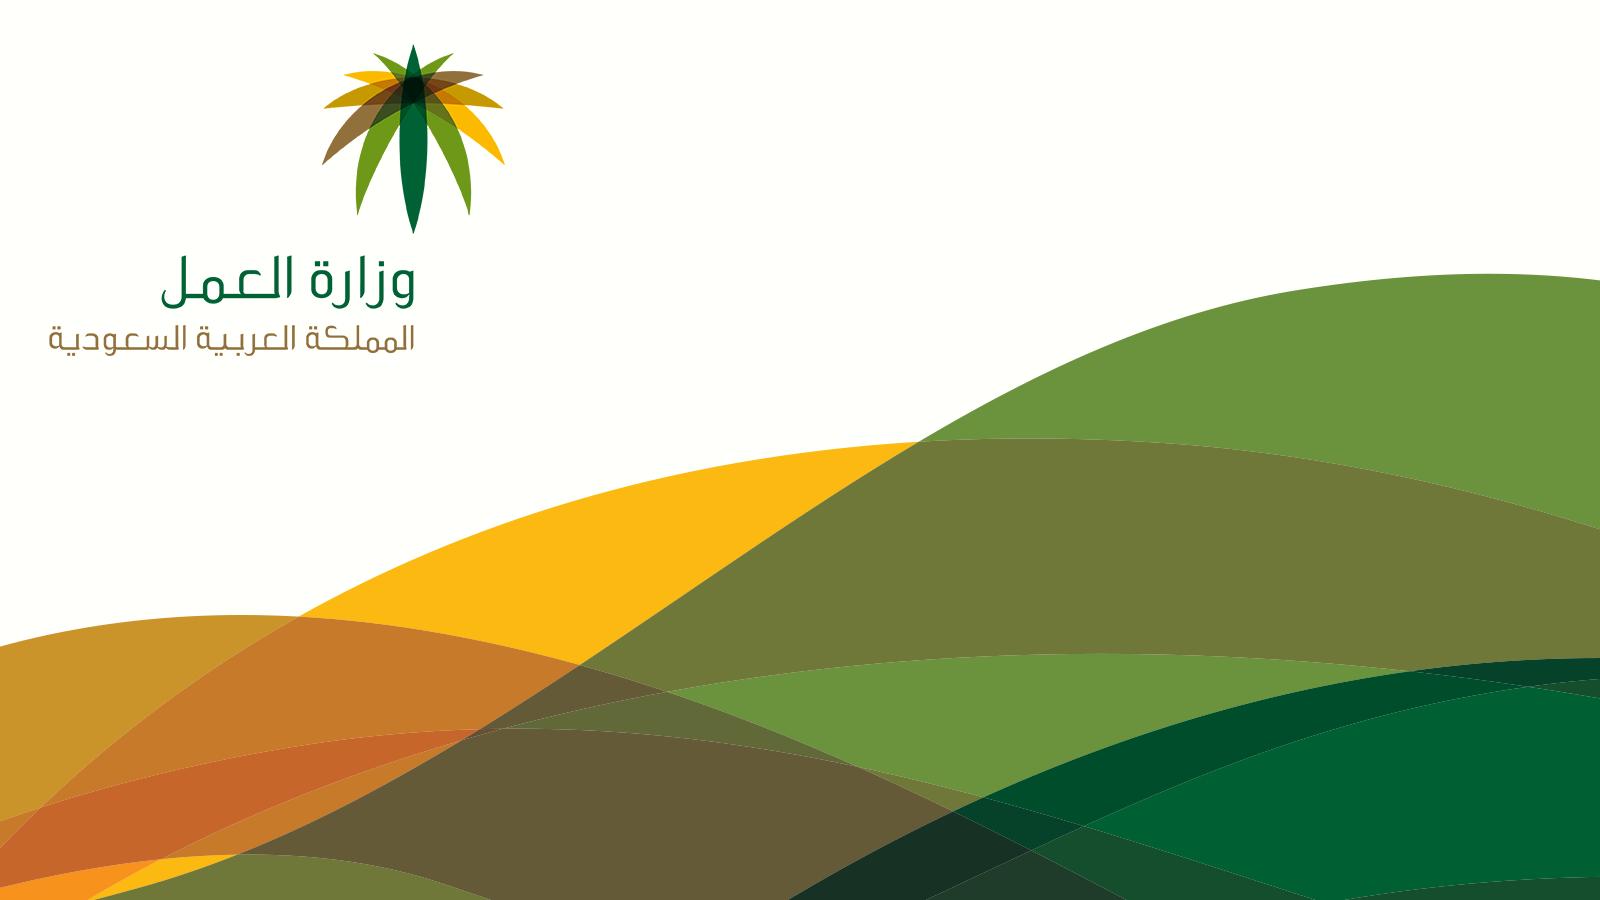 نتيجة بحث الصور عن وزارة العمل السعودية